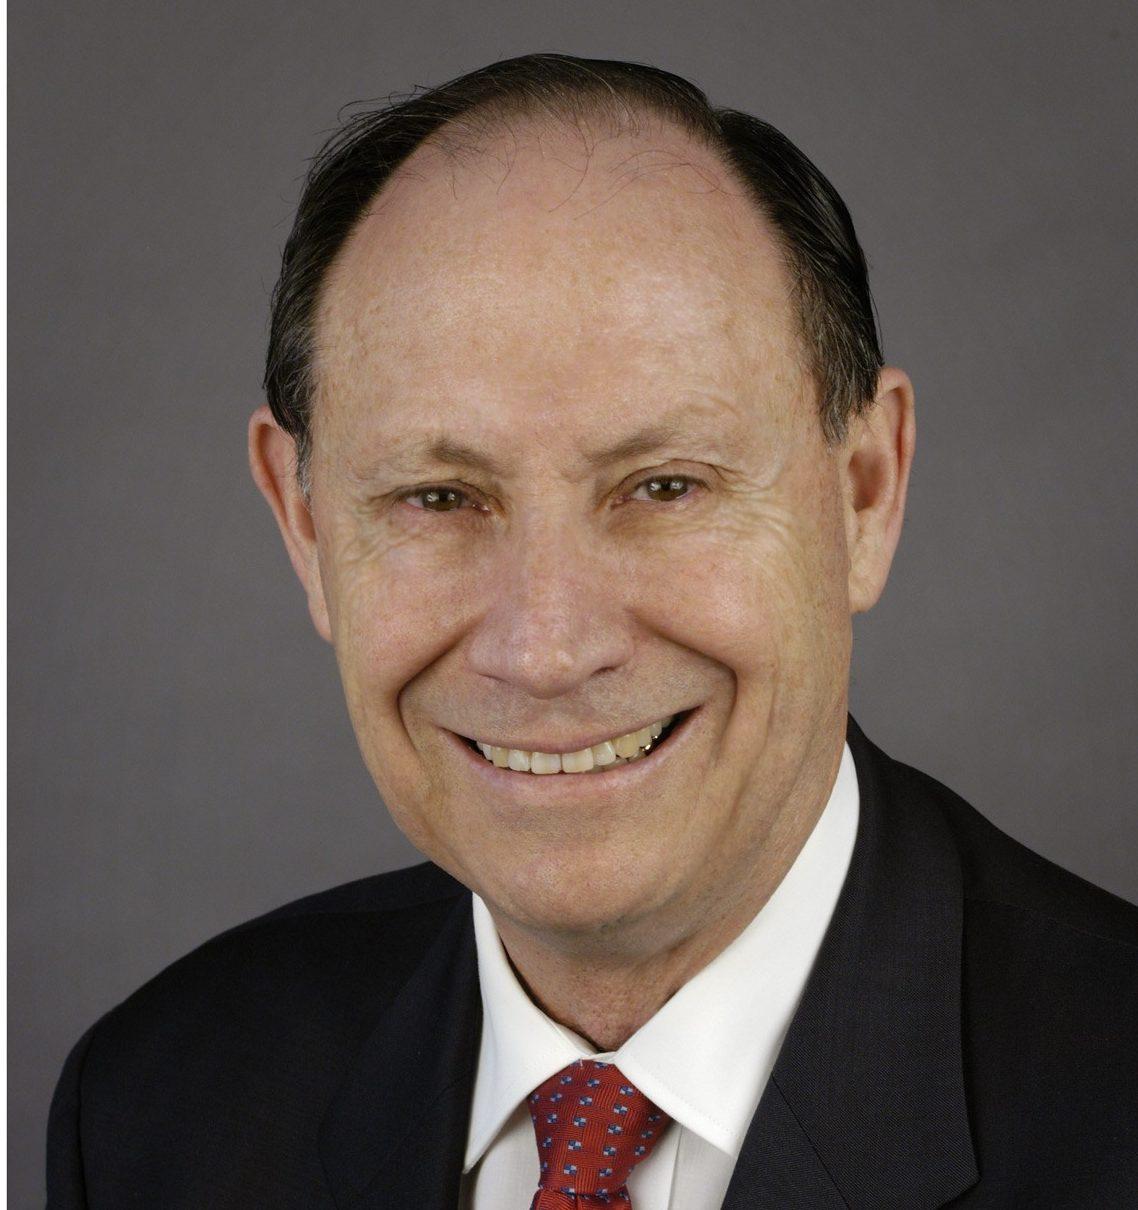 DeanRubenstein Headshot